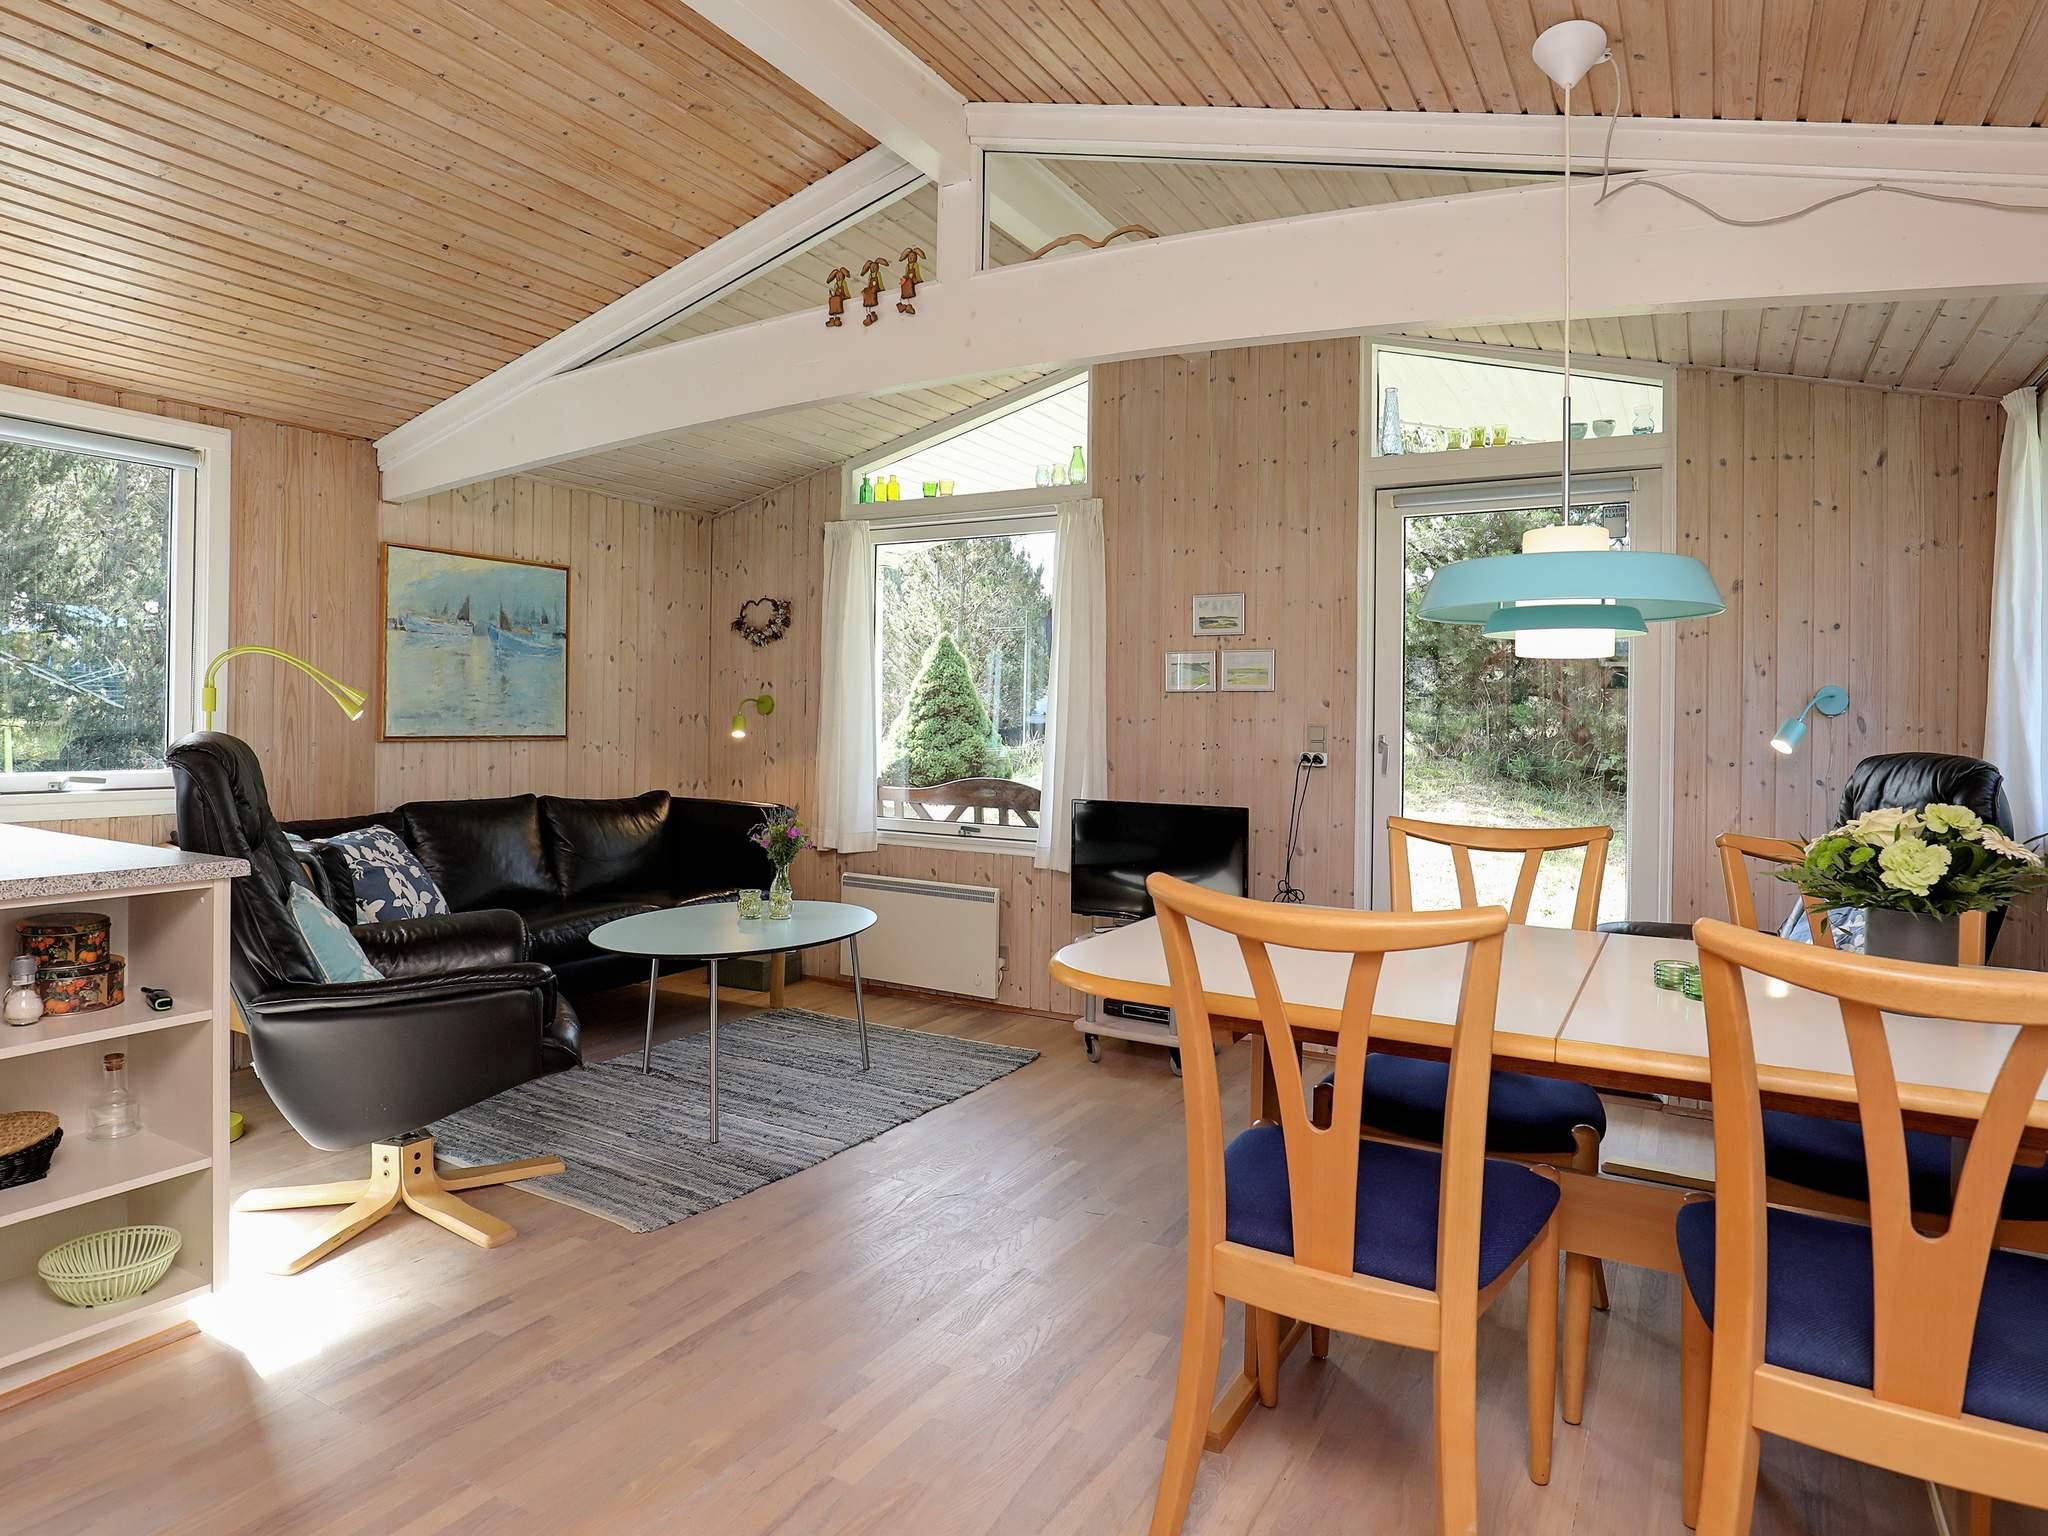 Ferienhaus Kjul Strand (2523809), Hirtshals, , Nordwestjütland, Dänemark, Bild 3